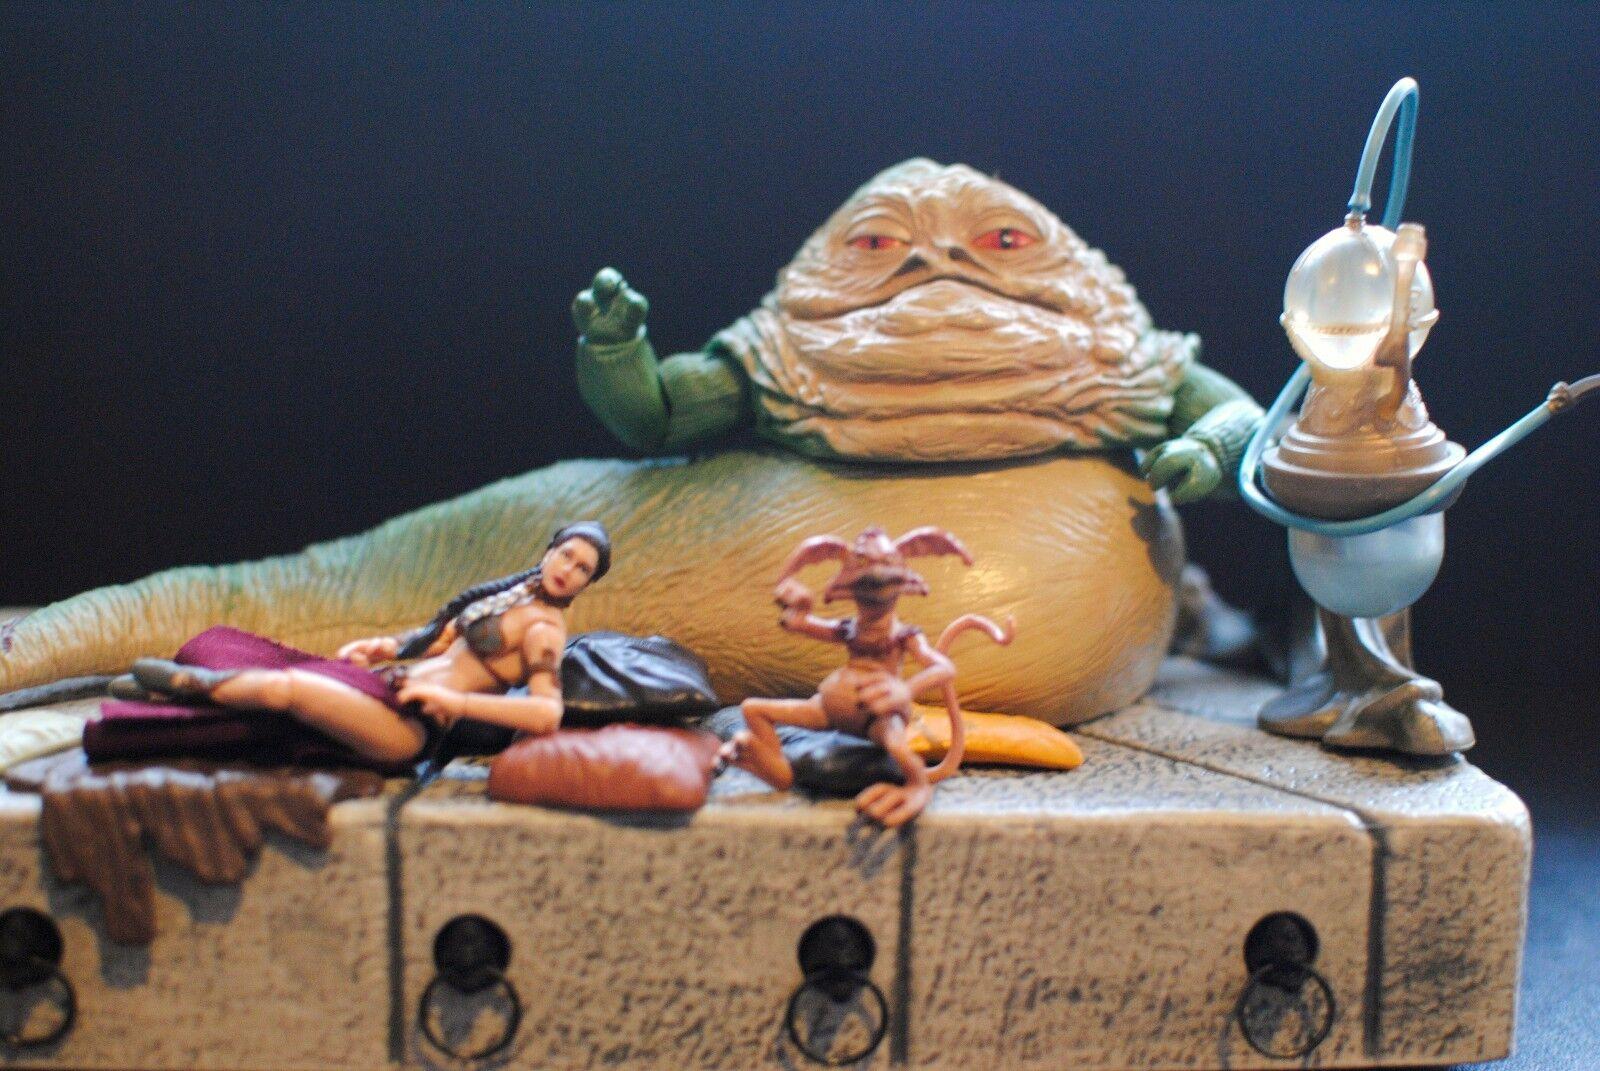 Star Wars Jabba the Hutt Throne Huka Palace ROTJ ROTJ ROTJ VC64 Slave Princess Leia Figure a37d80